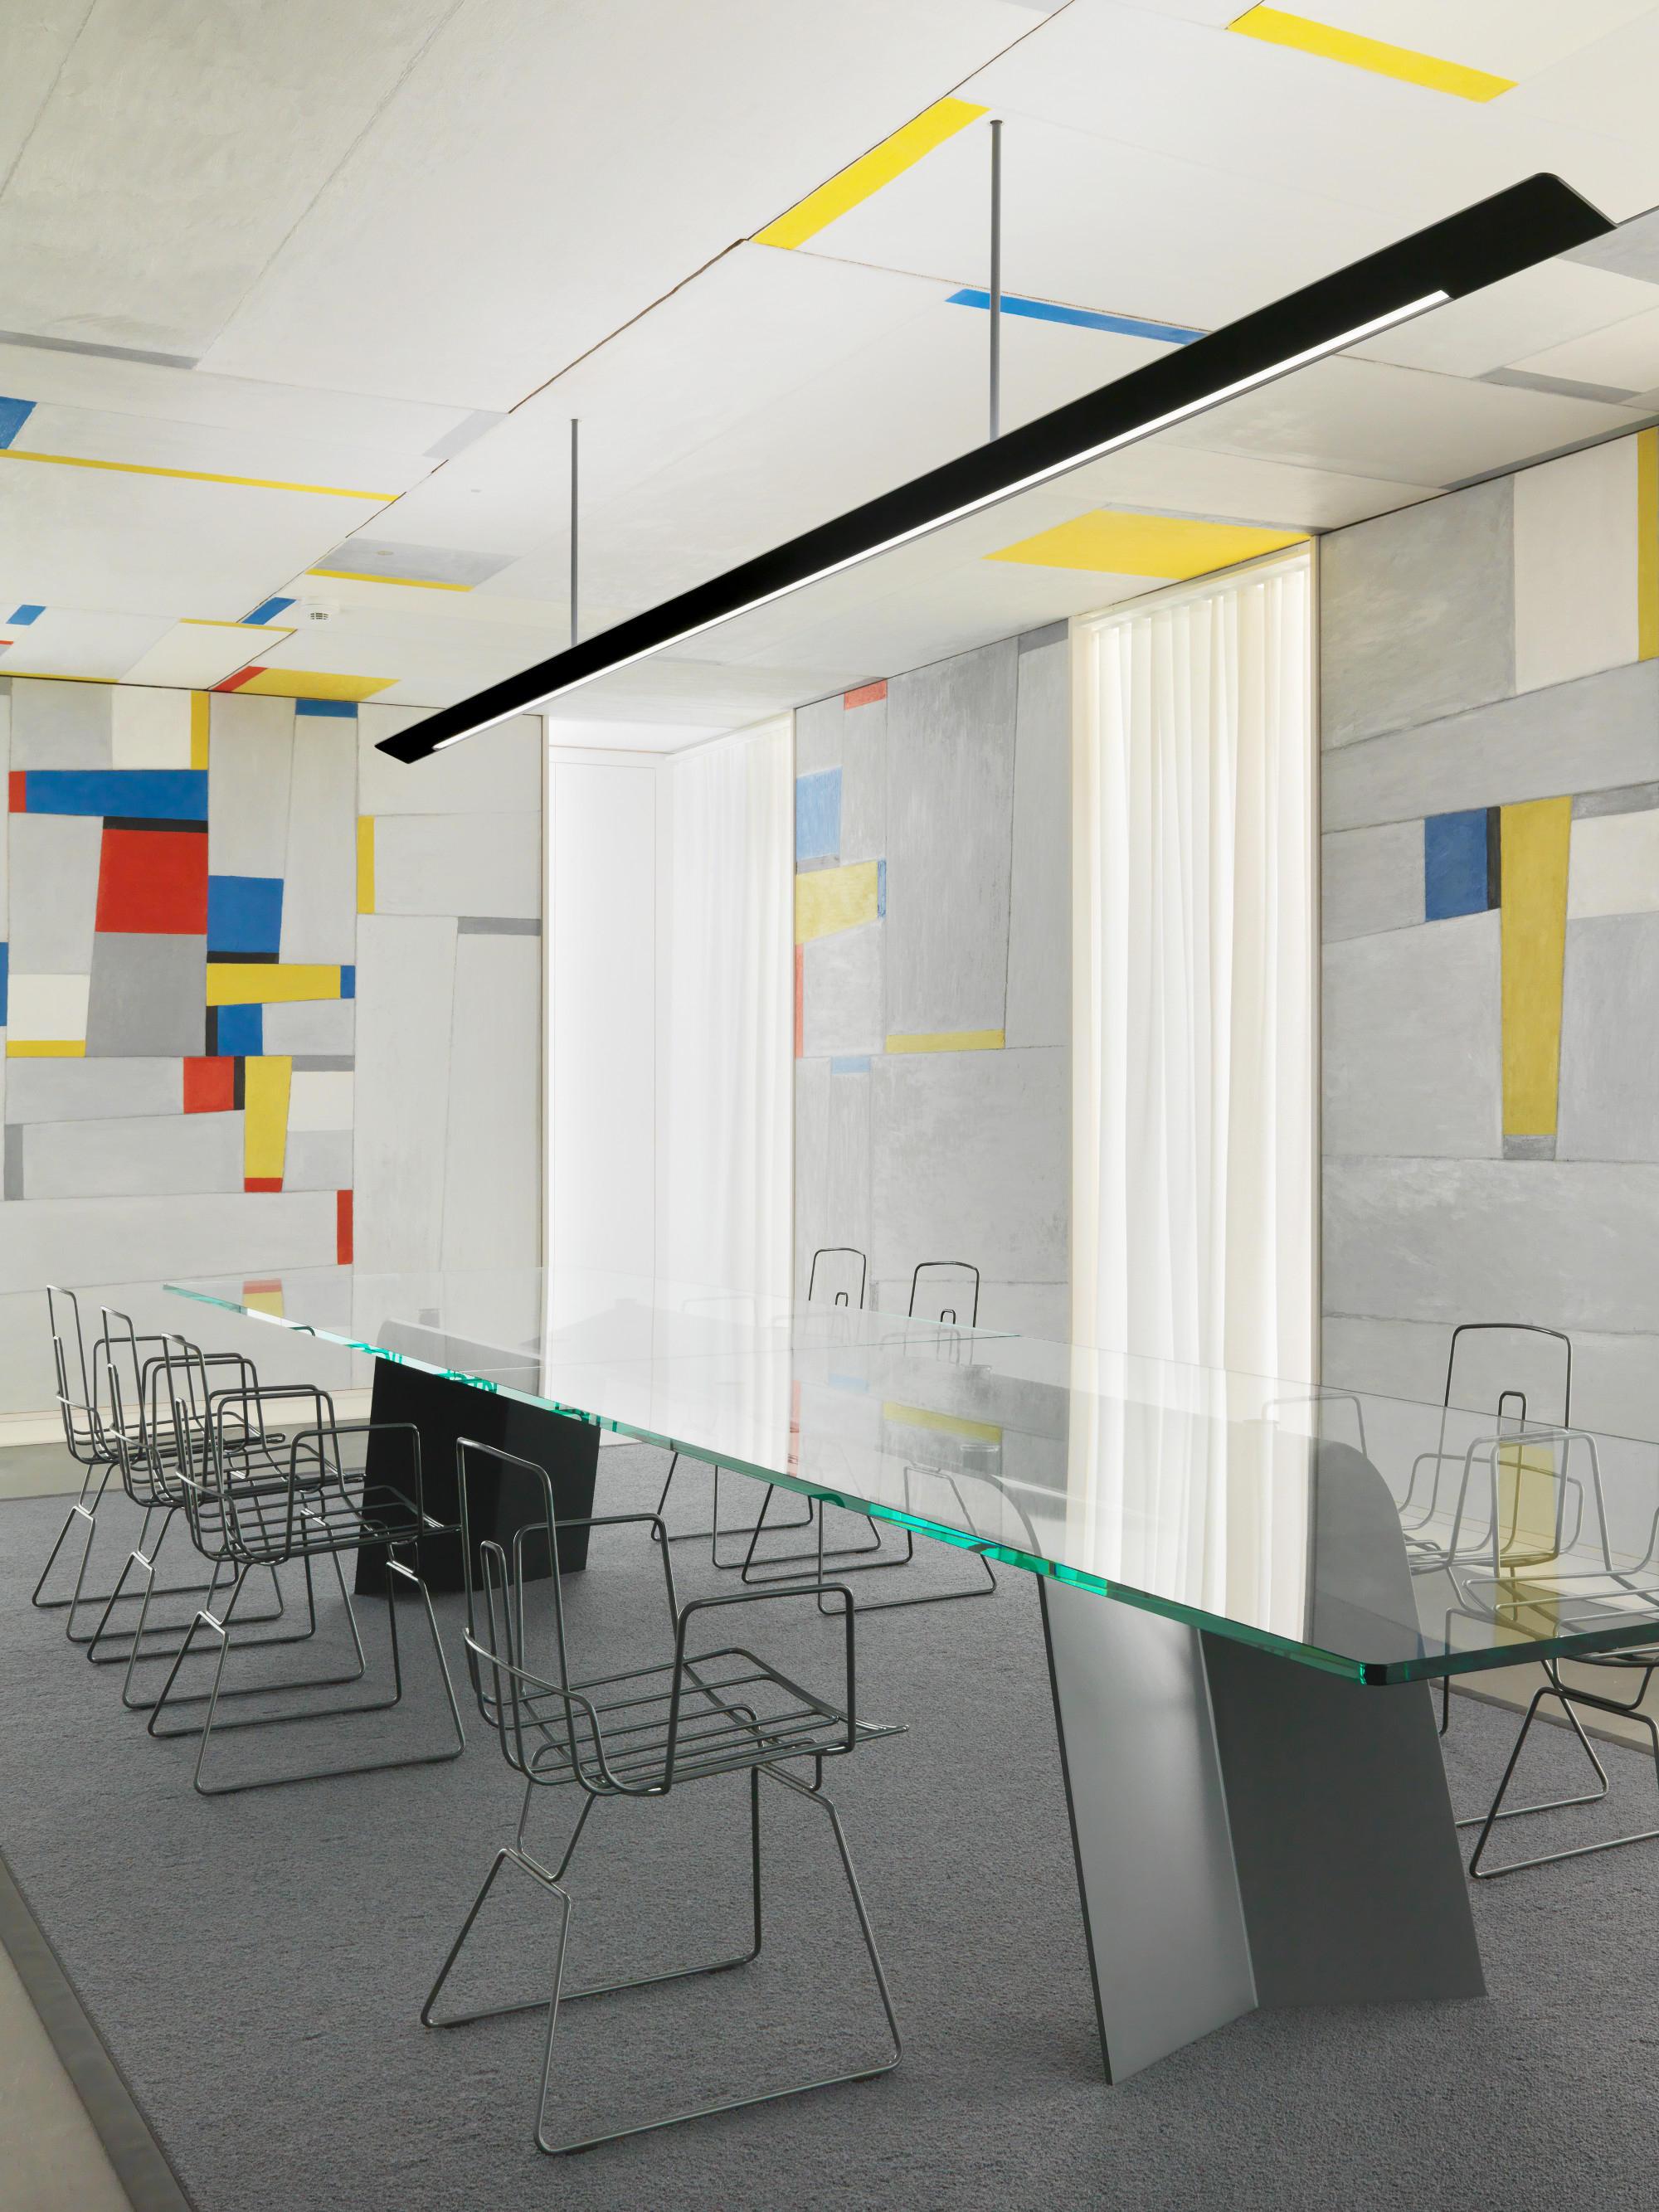 rockefeller-dining-room-03-ambiente-2-altenburger-h Faszinierend Haus Am See Garbsen Dekorationen